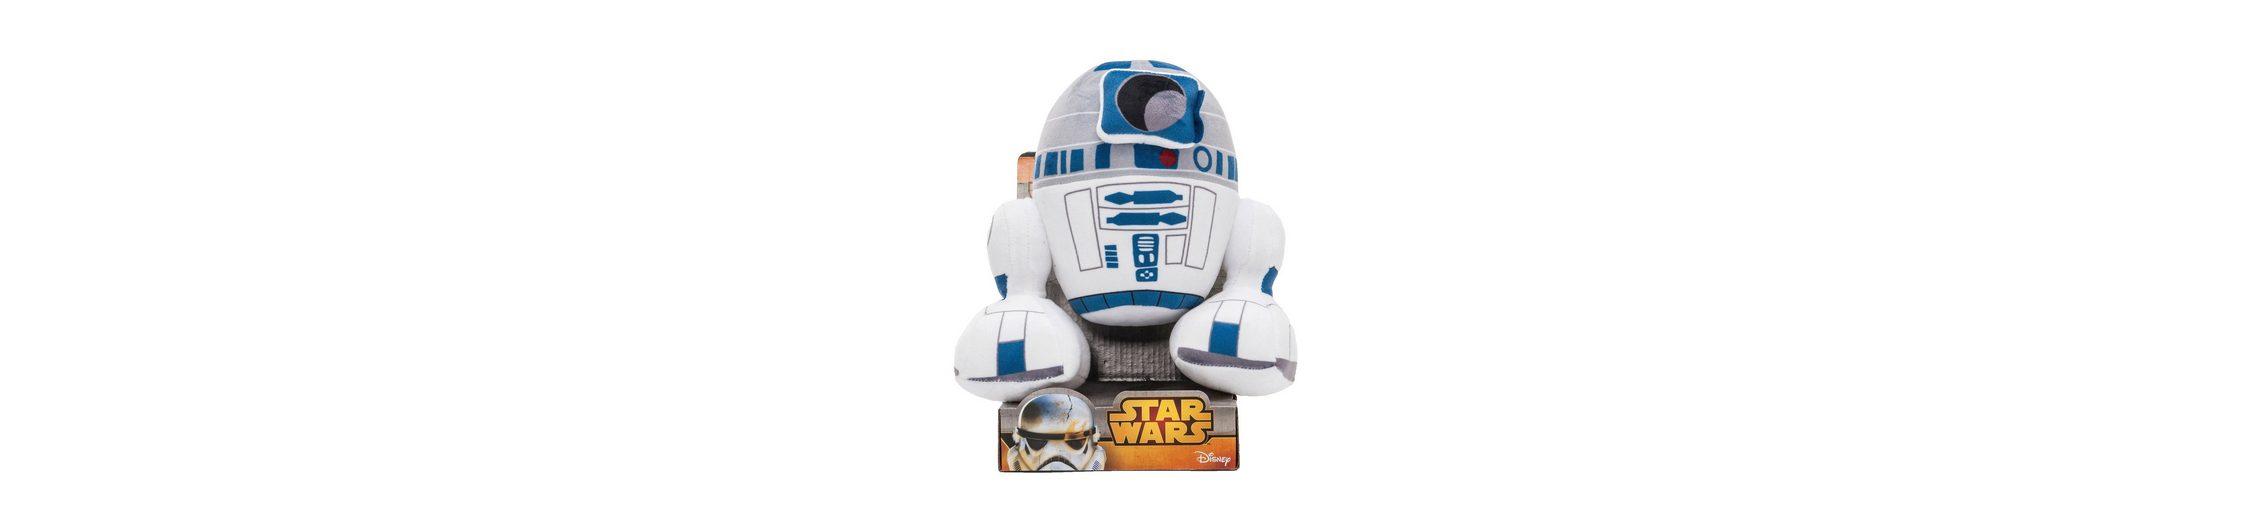 JOY TOY Plüschfigur, »Star Wars - R2-D2«